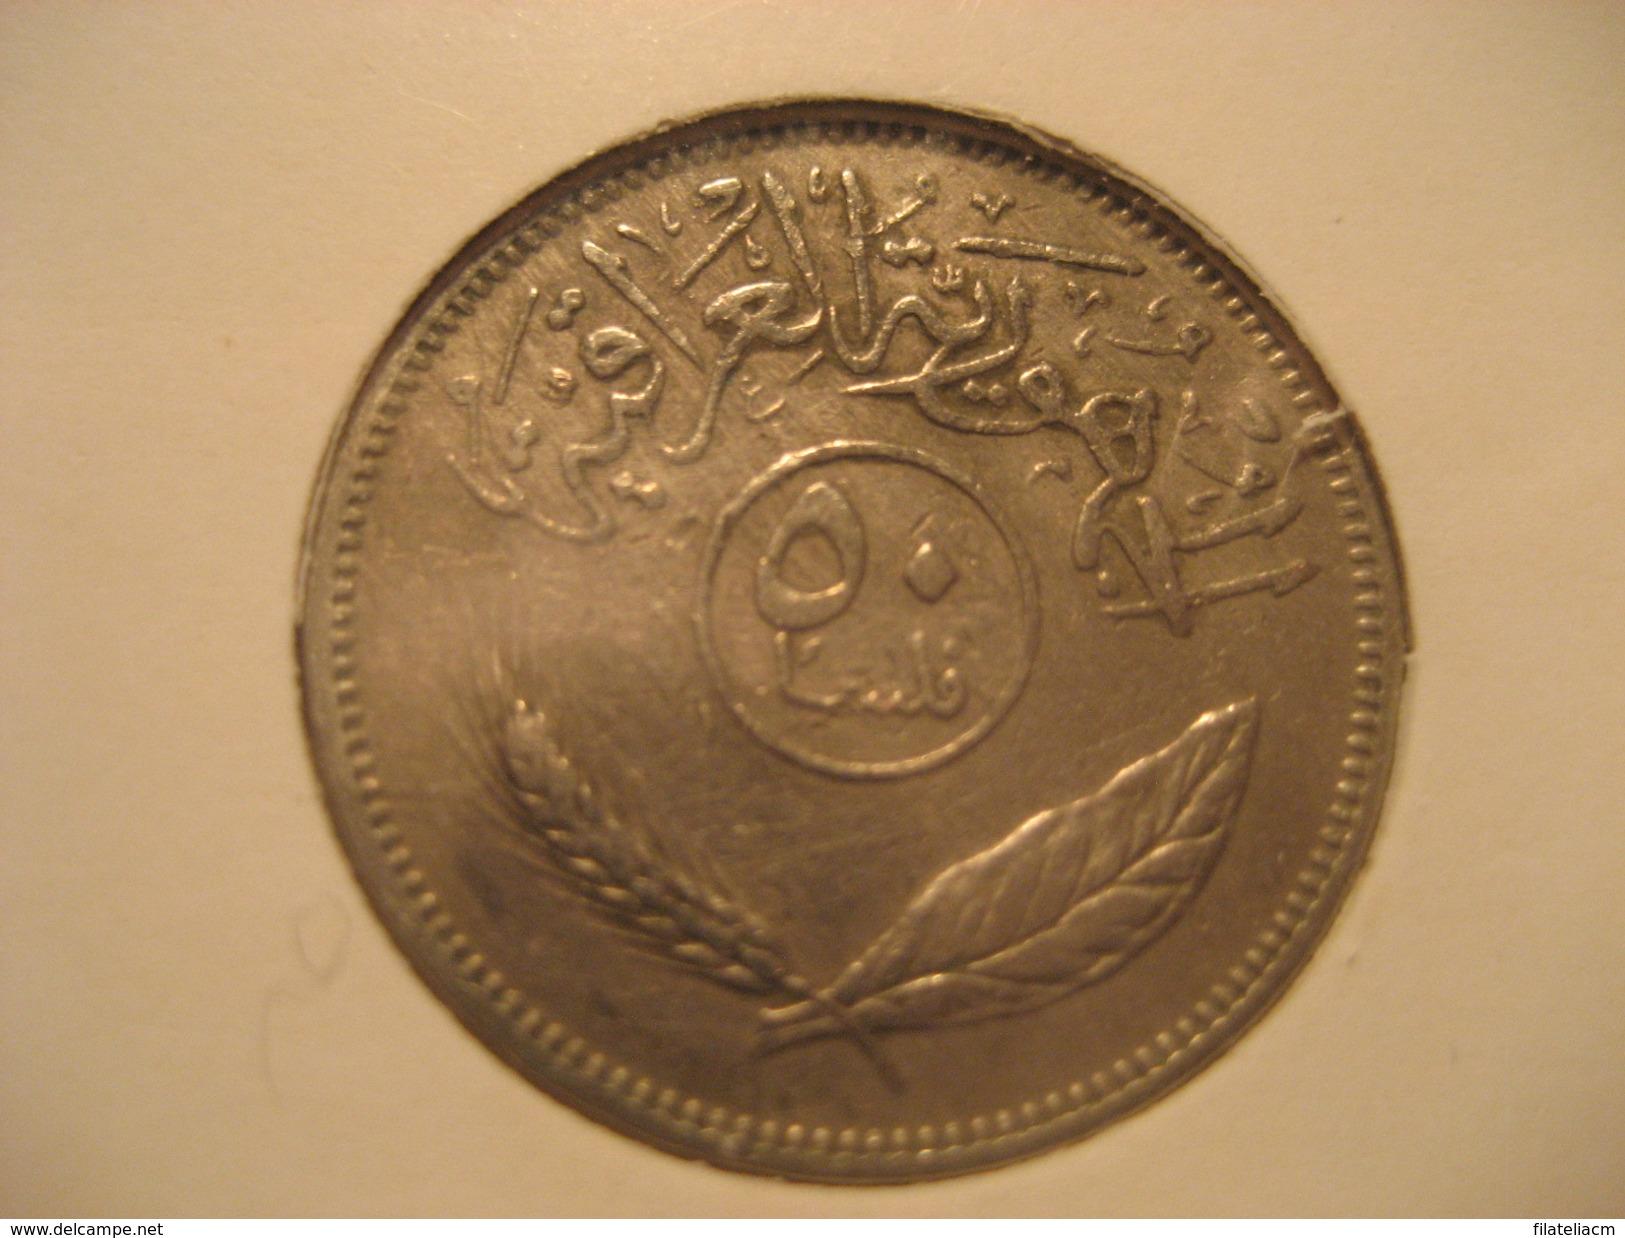 IRAQ Coin - Iraq